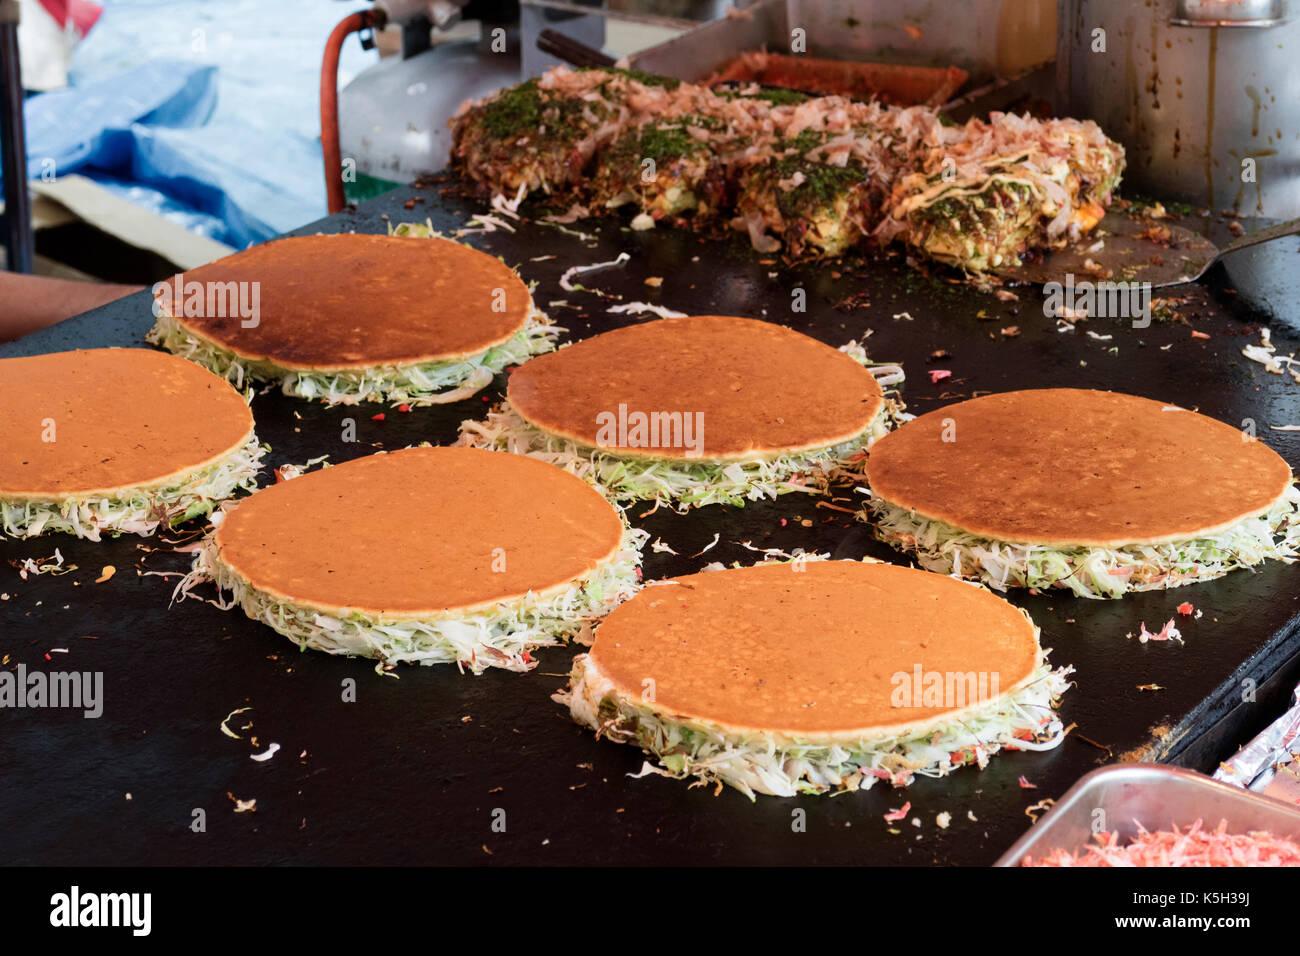 Tokyo, Japan - May 14, 2017: Baking pancakes at a grill, Okonomiyaki, at the Kanda Matsuri Festival - Stock Image